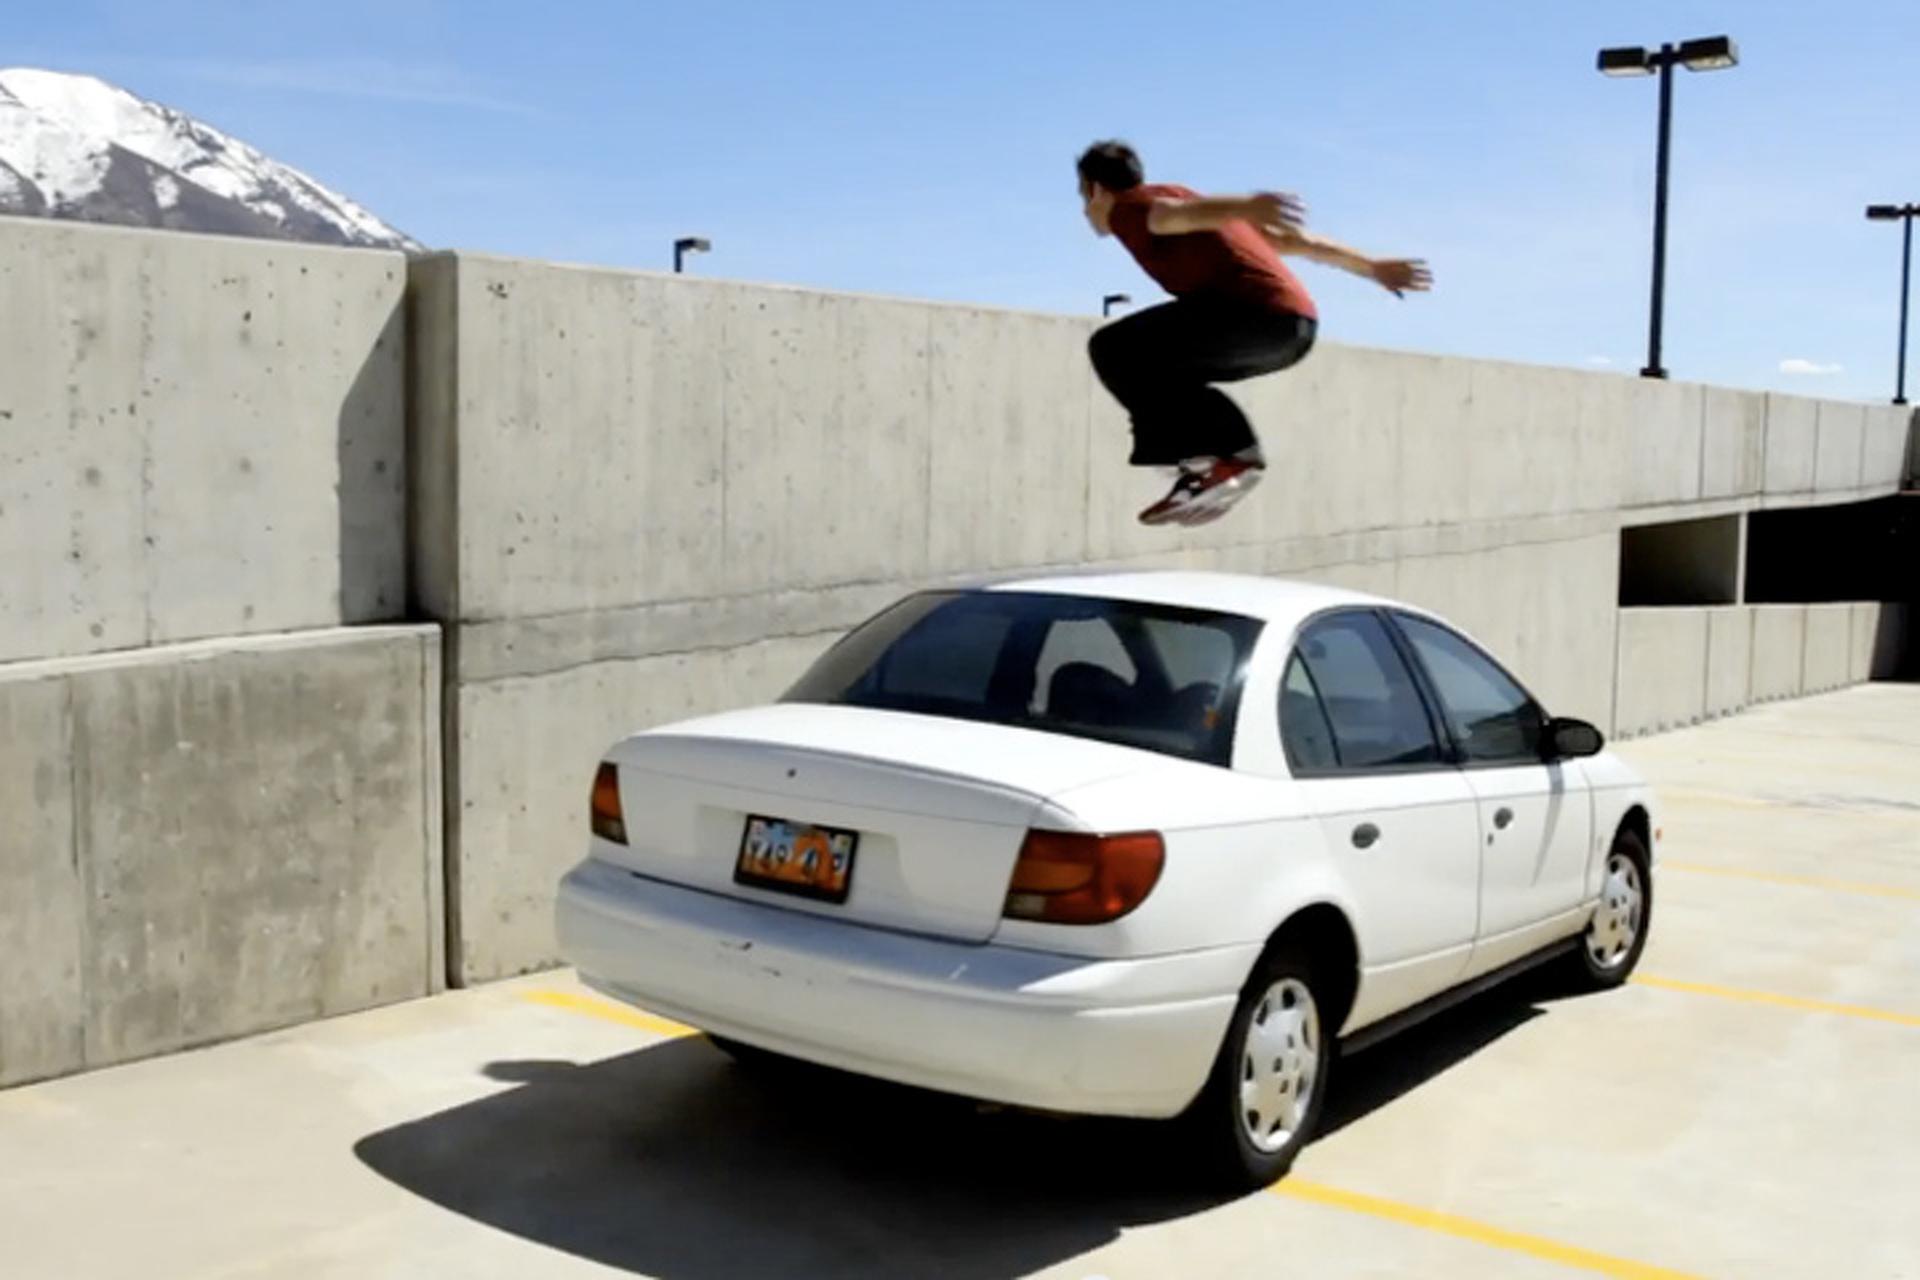 Car Parkour: Because Ledges Aren't Dangerous Enough [video]